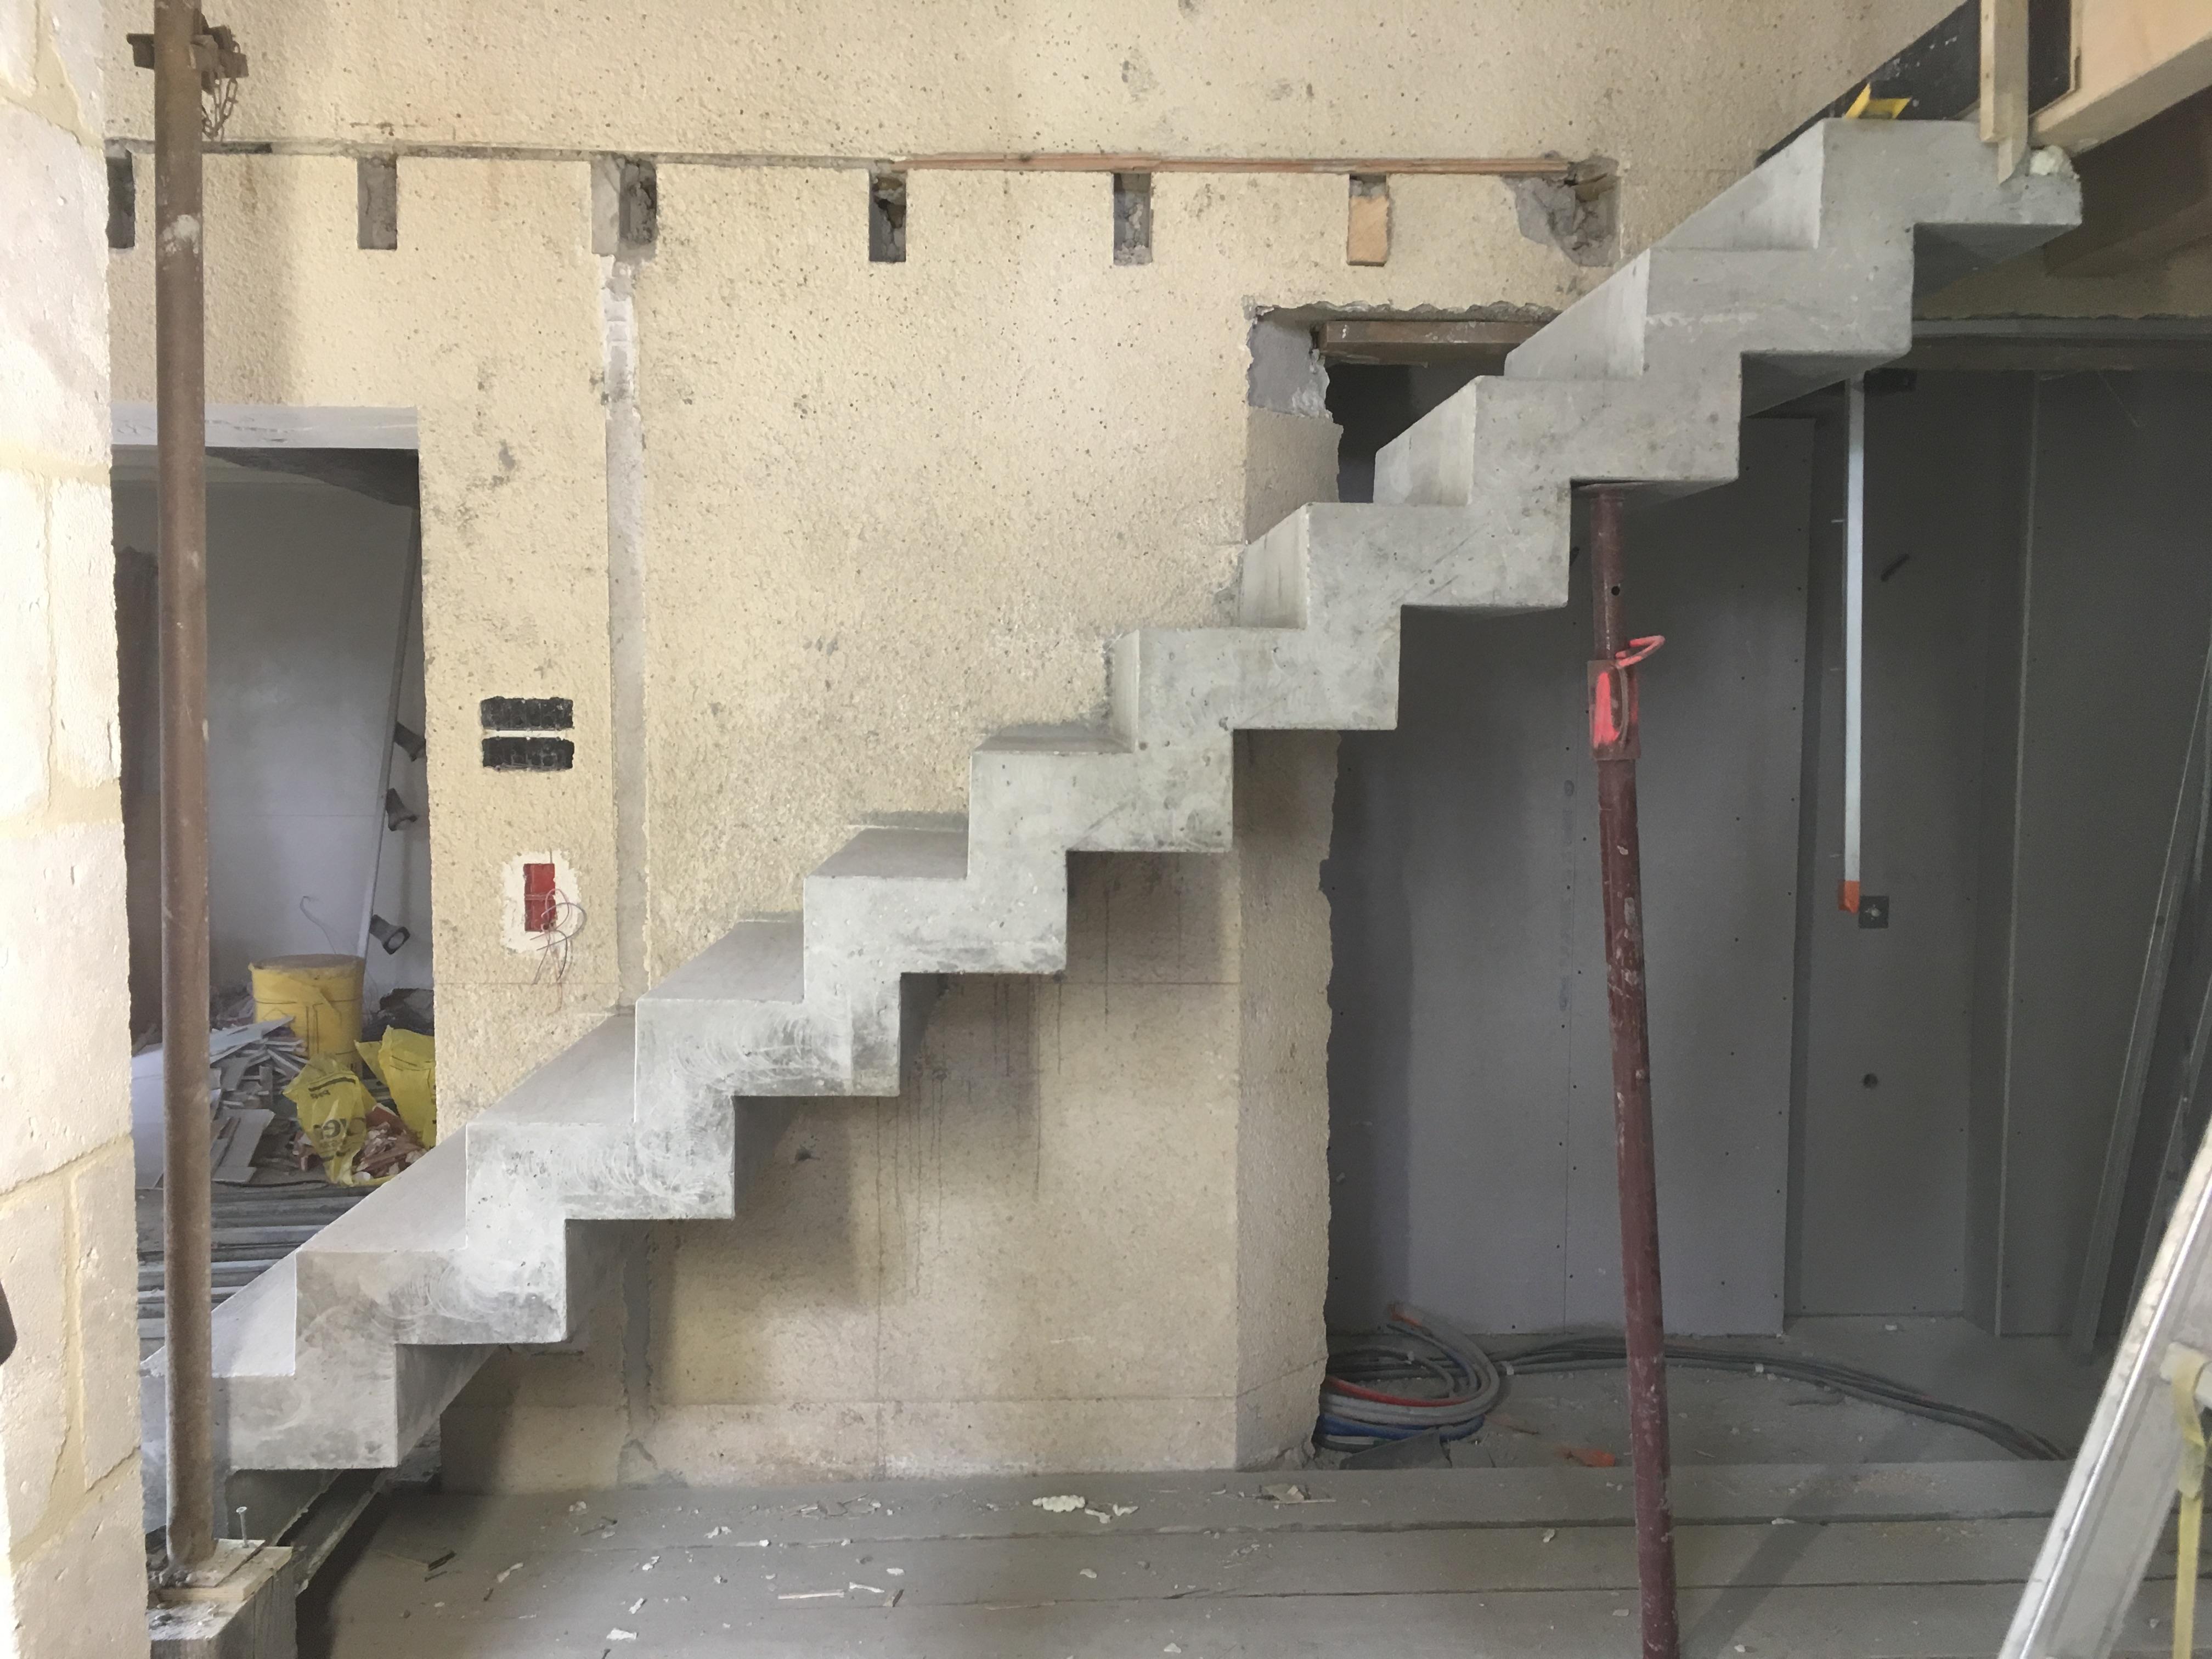 audacieux  escalier crémaillère droit en béton   En Dordogne  pour un architecte